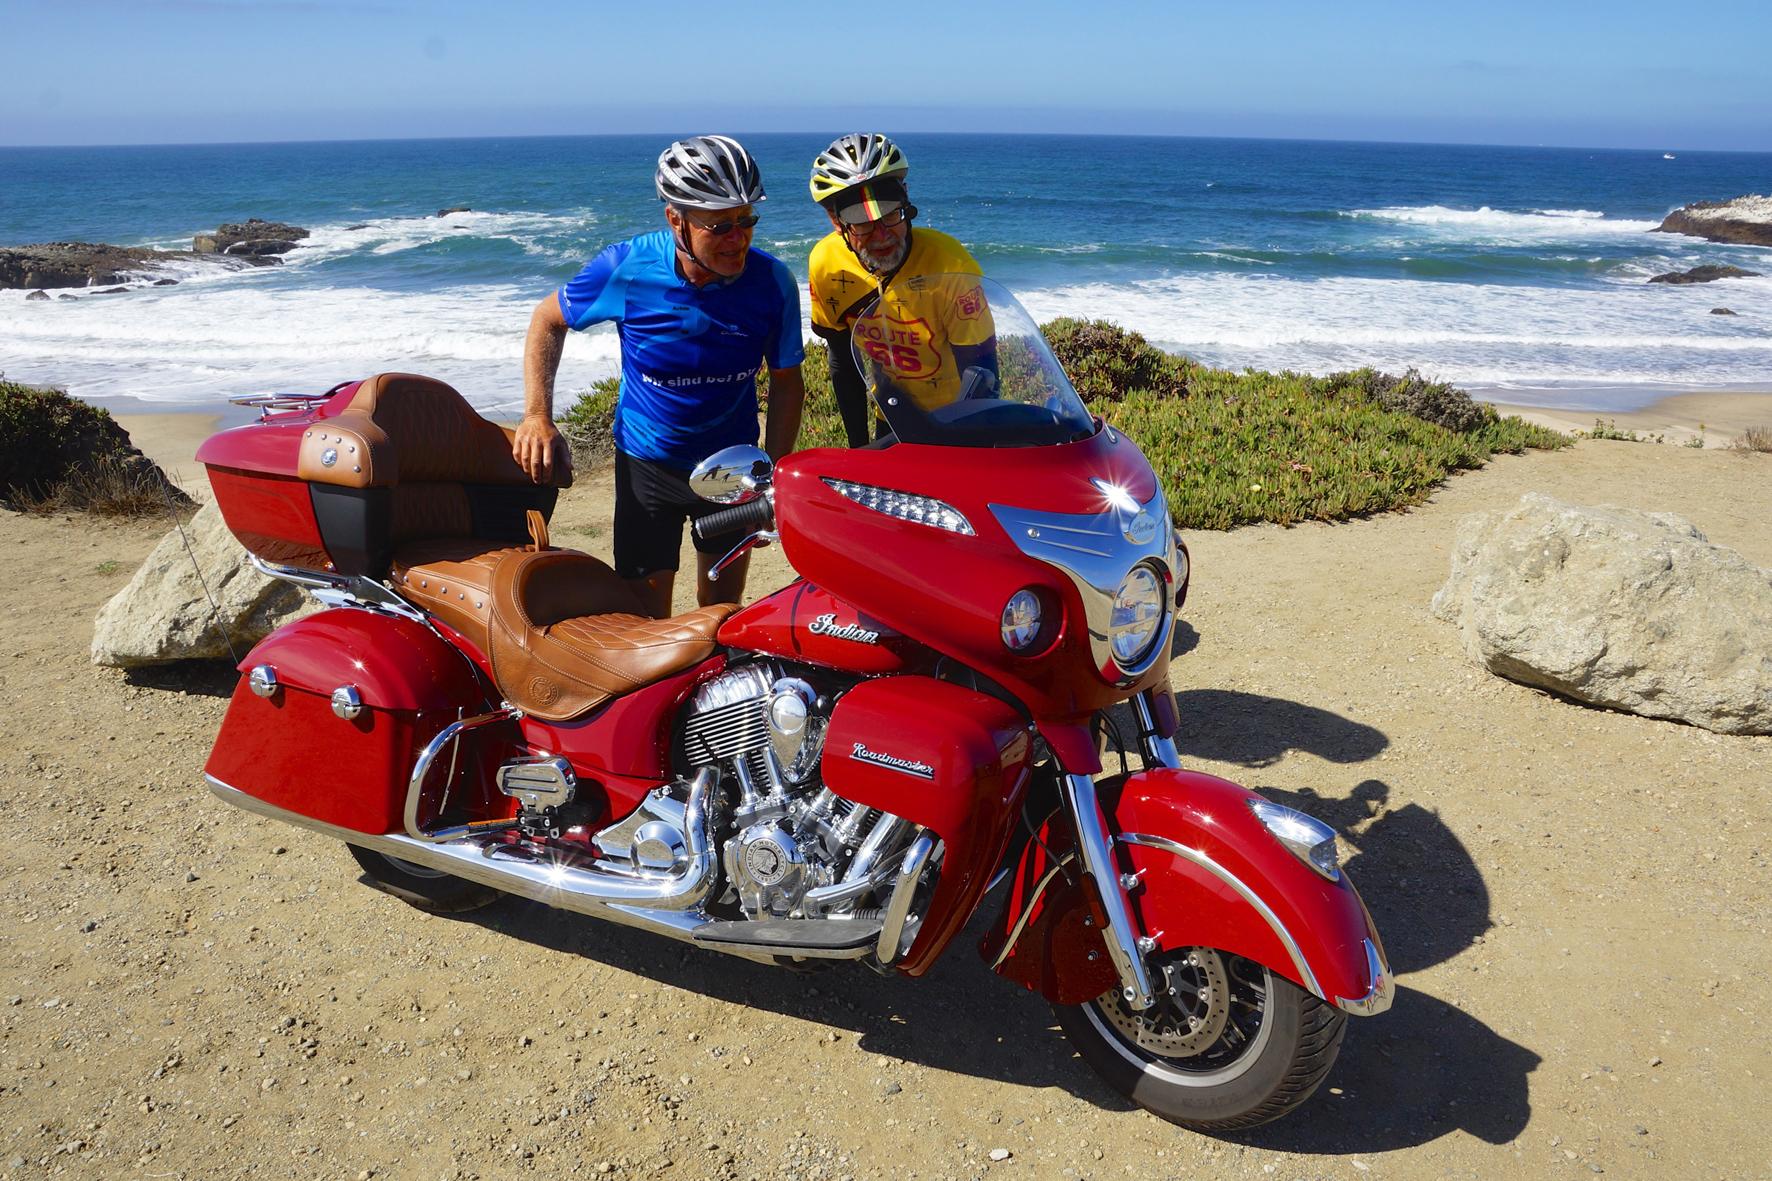 mid San Francisco - Ein Koloss von Motorrad mit äußerst ansprechender Verpackung: Die Indian Roadmaster sorgte auf dem kalifornischen Highway No. 1 für staunende Gesichter.